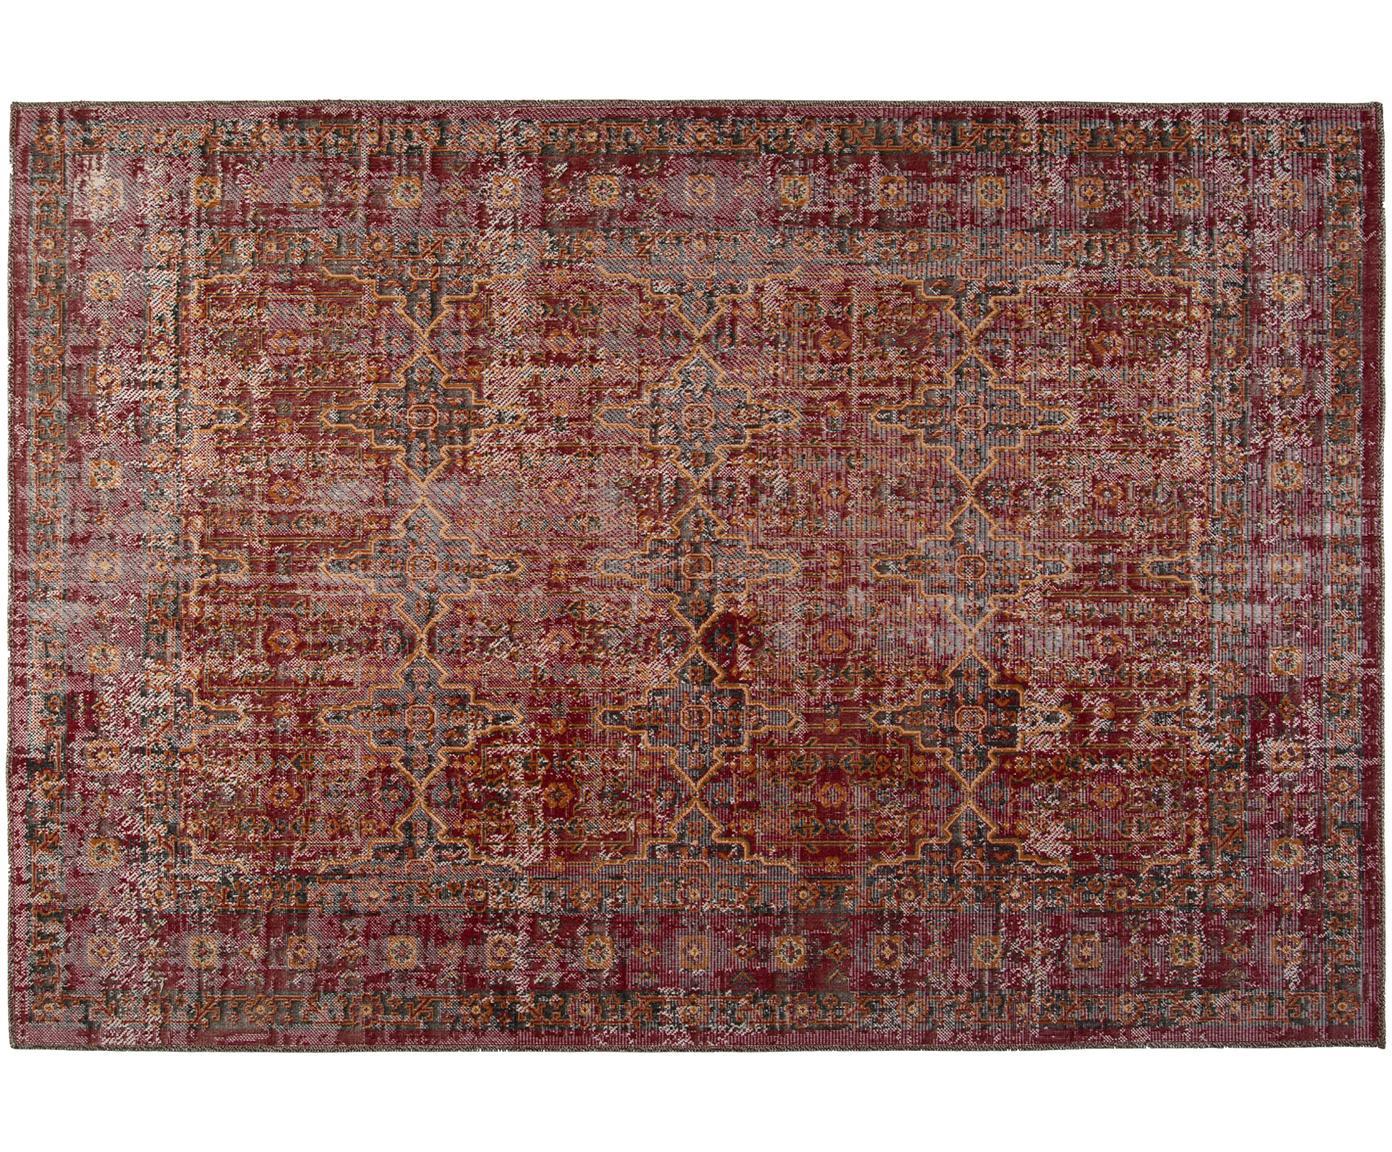 Dywan wewnętrzny/zewnętrzny Tilas Izmir, Ciemny czerwony, musztardowy, khaki, S 160 x D 230 cm (Rozmiar M)